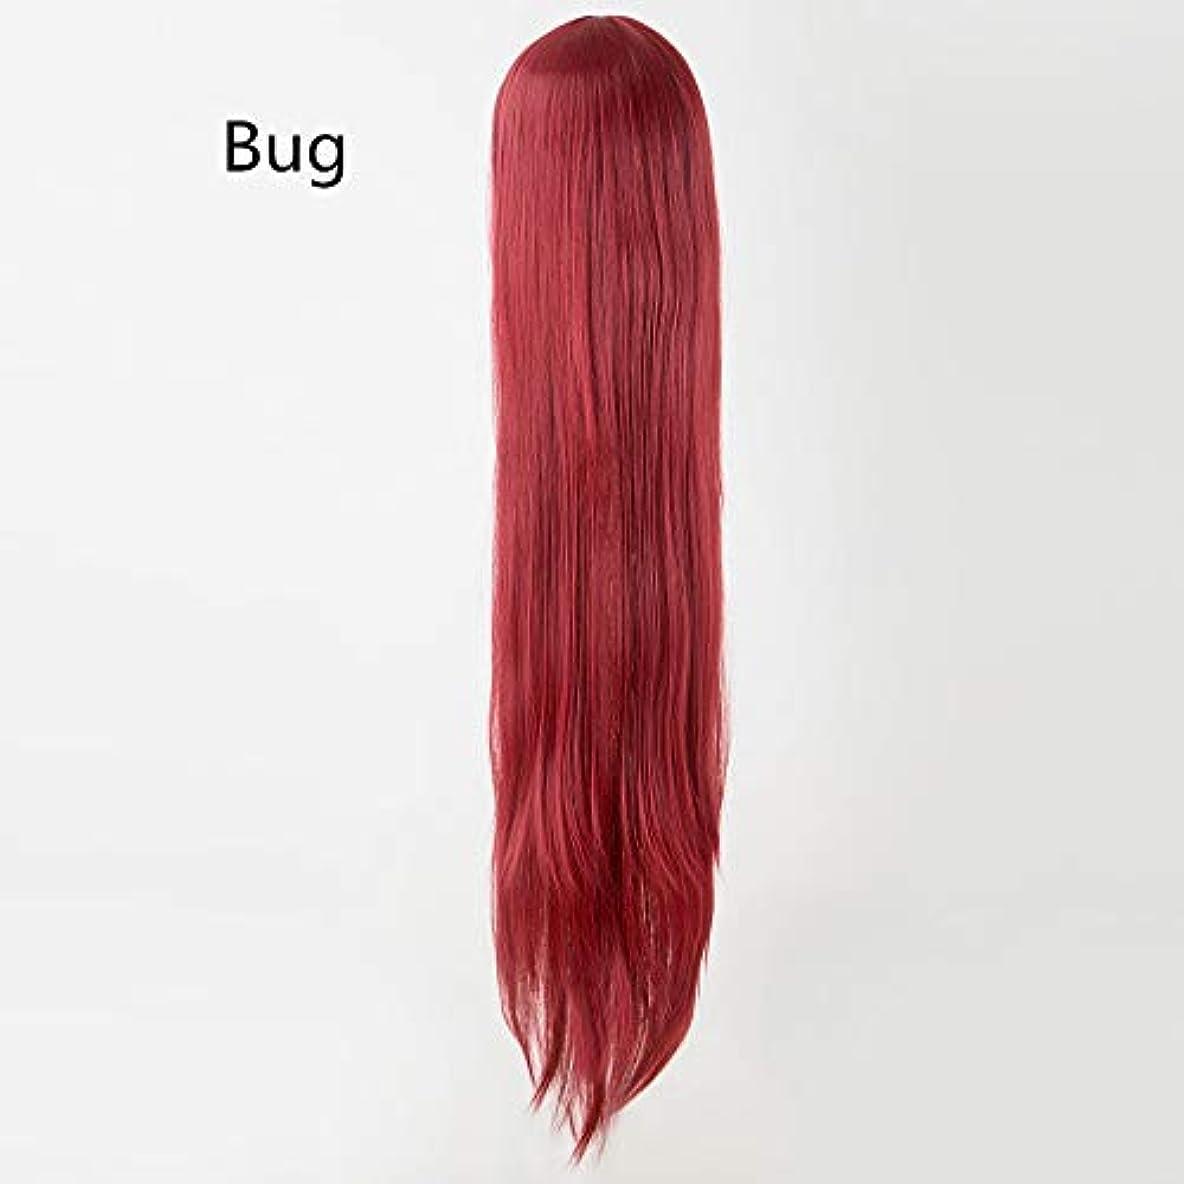 野心せがむ貫通BeTTi 黒かつら100センチ/ 40インチ合成耐熱繊維ロングハロウィーンカーニバル衣装コスプレストレート女性の髪 (Color : Bug, Stretched Length : 38inches)